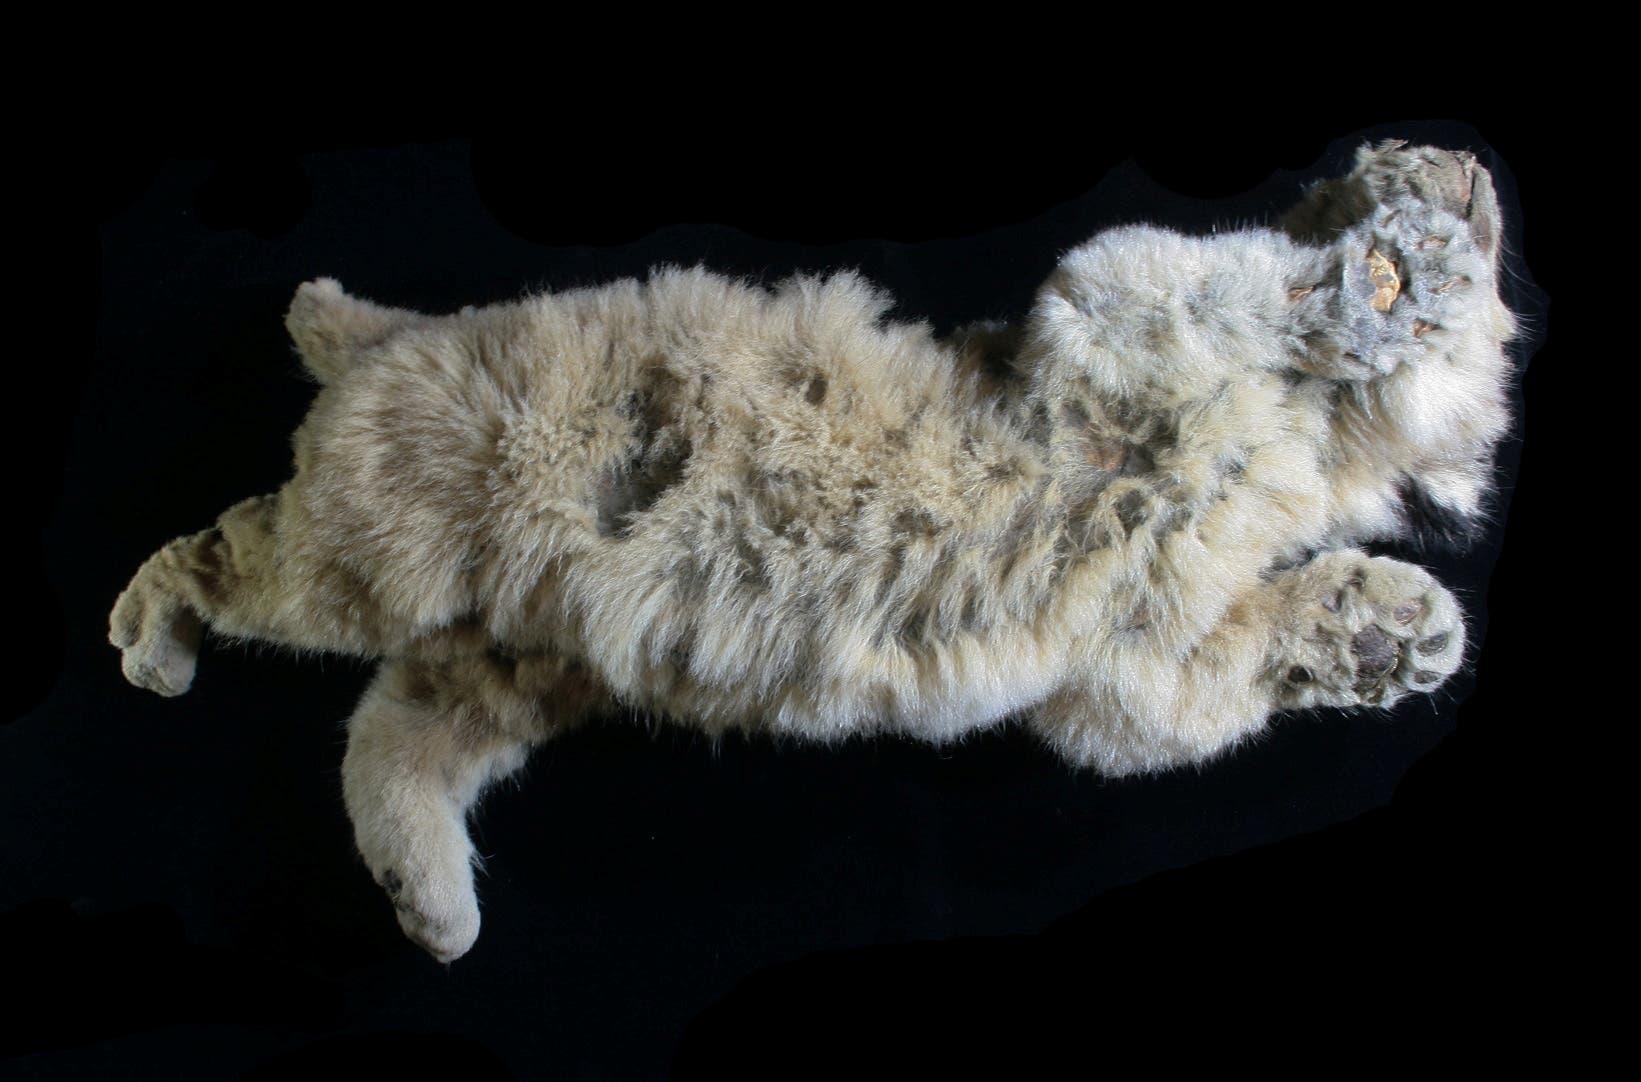 بوريس شبل أسد الكهوف الذي تم العثور عليه في سيبيريا في 2017